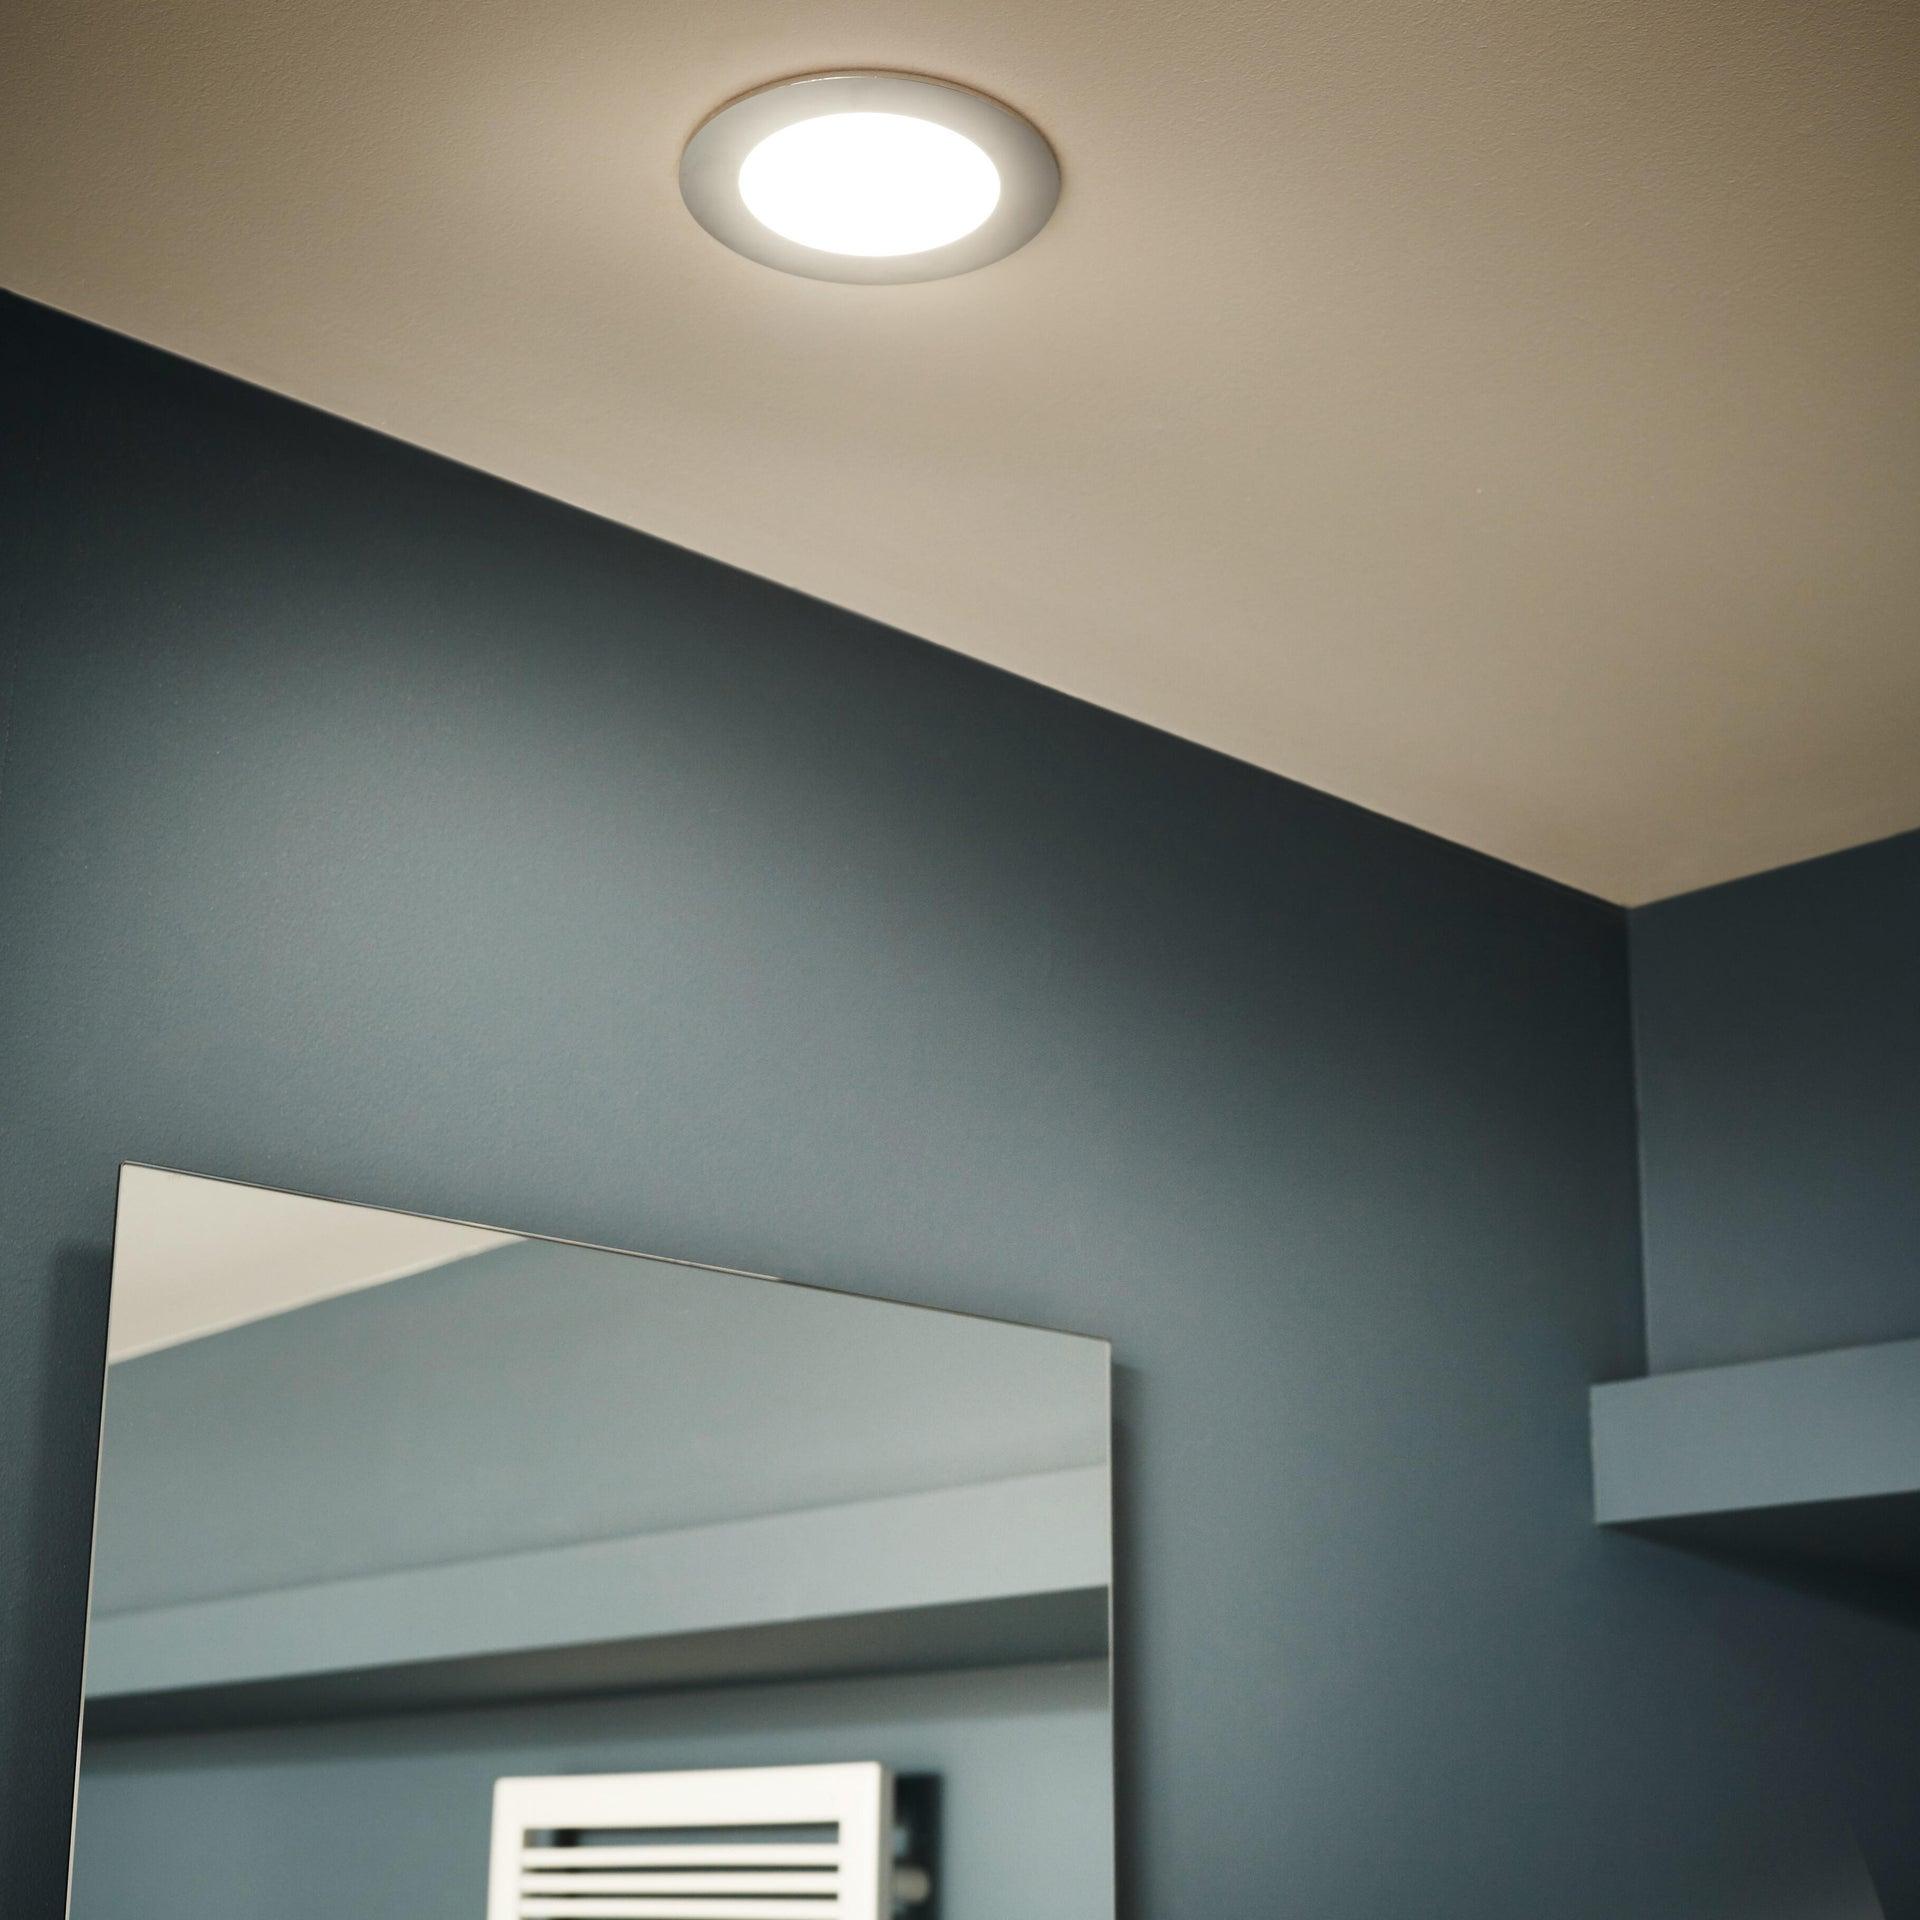 Faretto fisso da incasso tondo Ex.bath in Alluminio nichel, diam. 12 cm LED integrato 900LM IP44 INSPIRE - 1